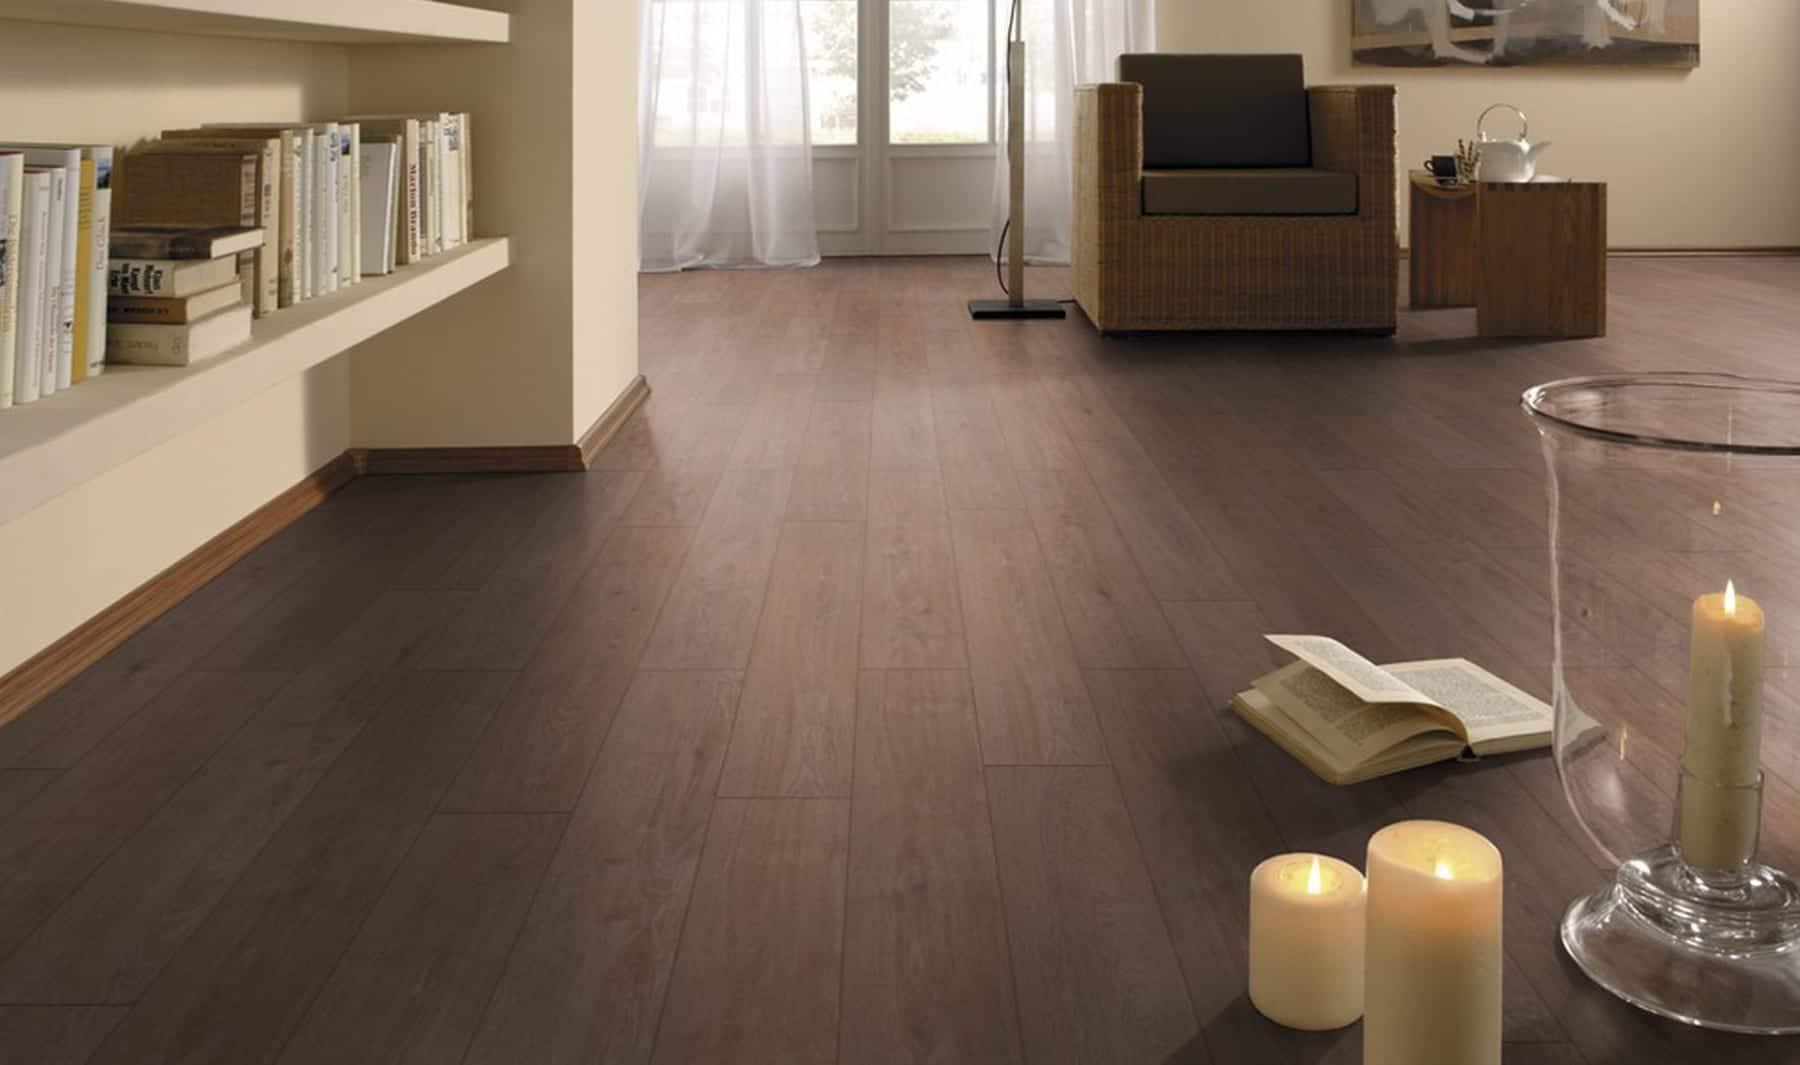 Tipos de suelos de parquet para tu hogar - Tipos de suelo para casa ...